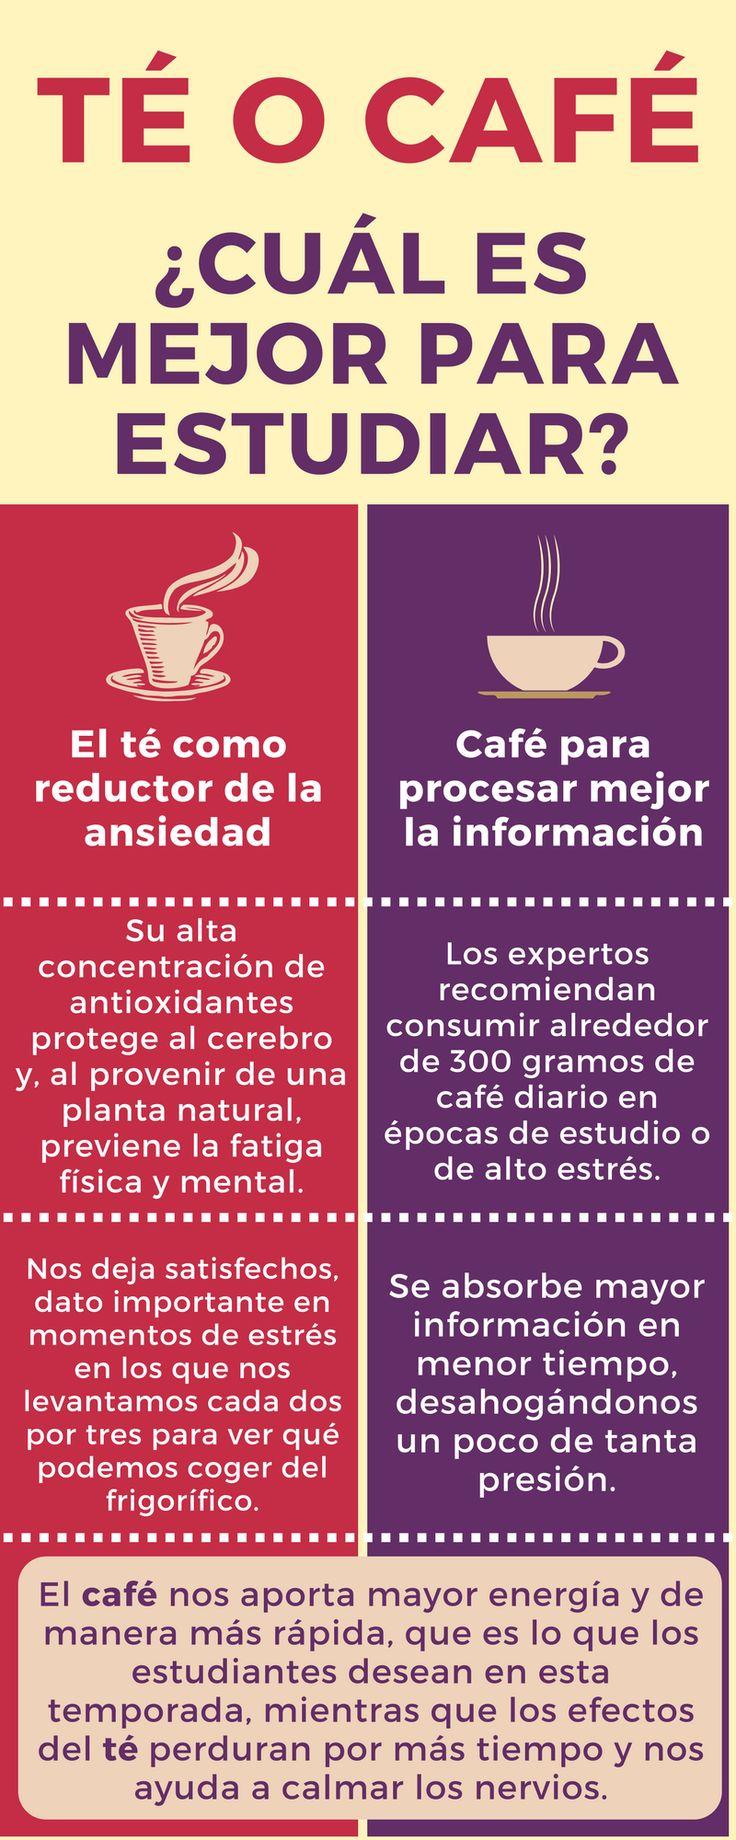 ¿Cuál es tu mejor aliado? #cafeote #yaesjueves #atope 😋